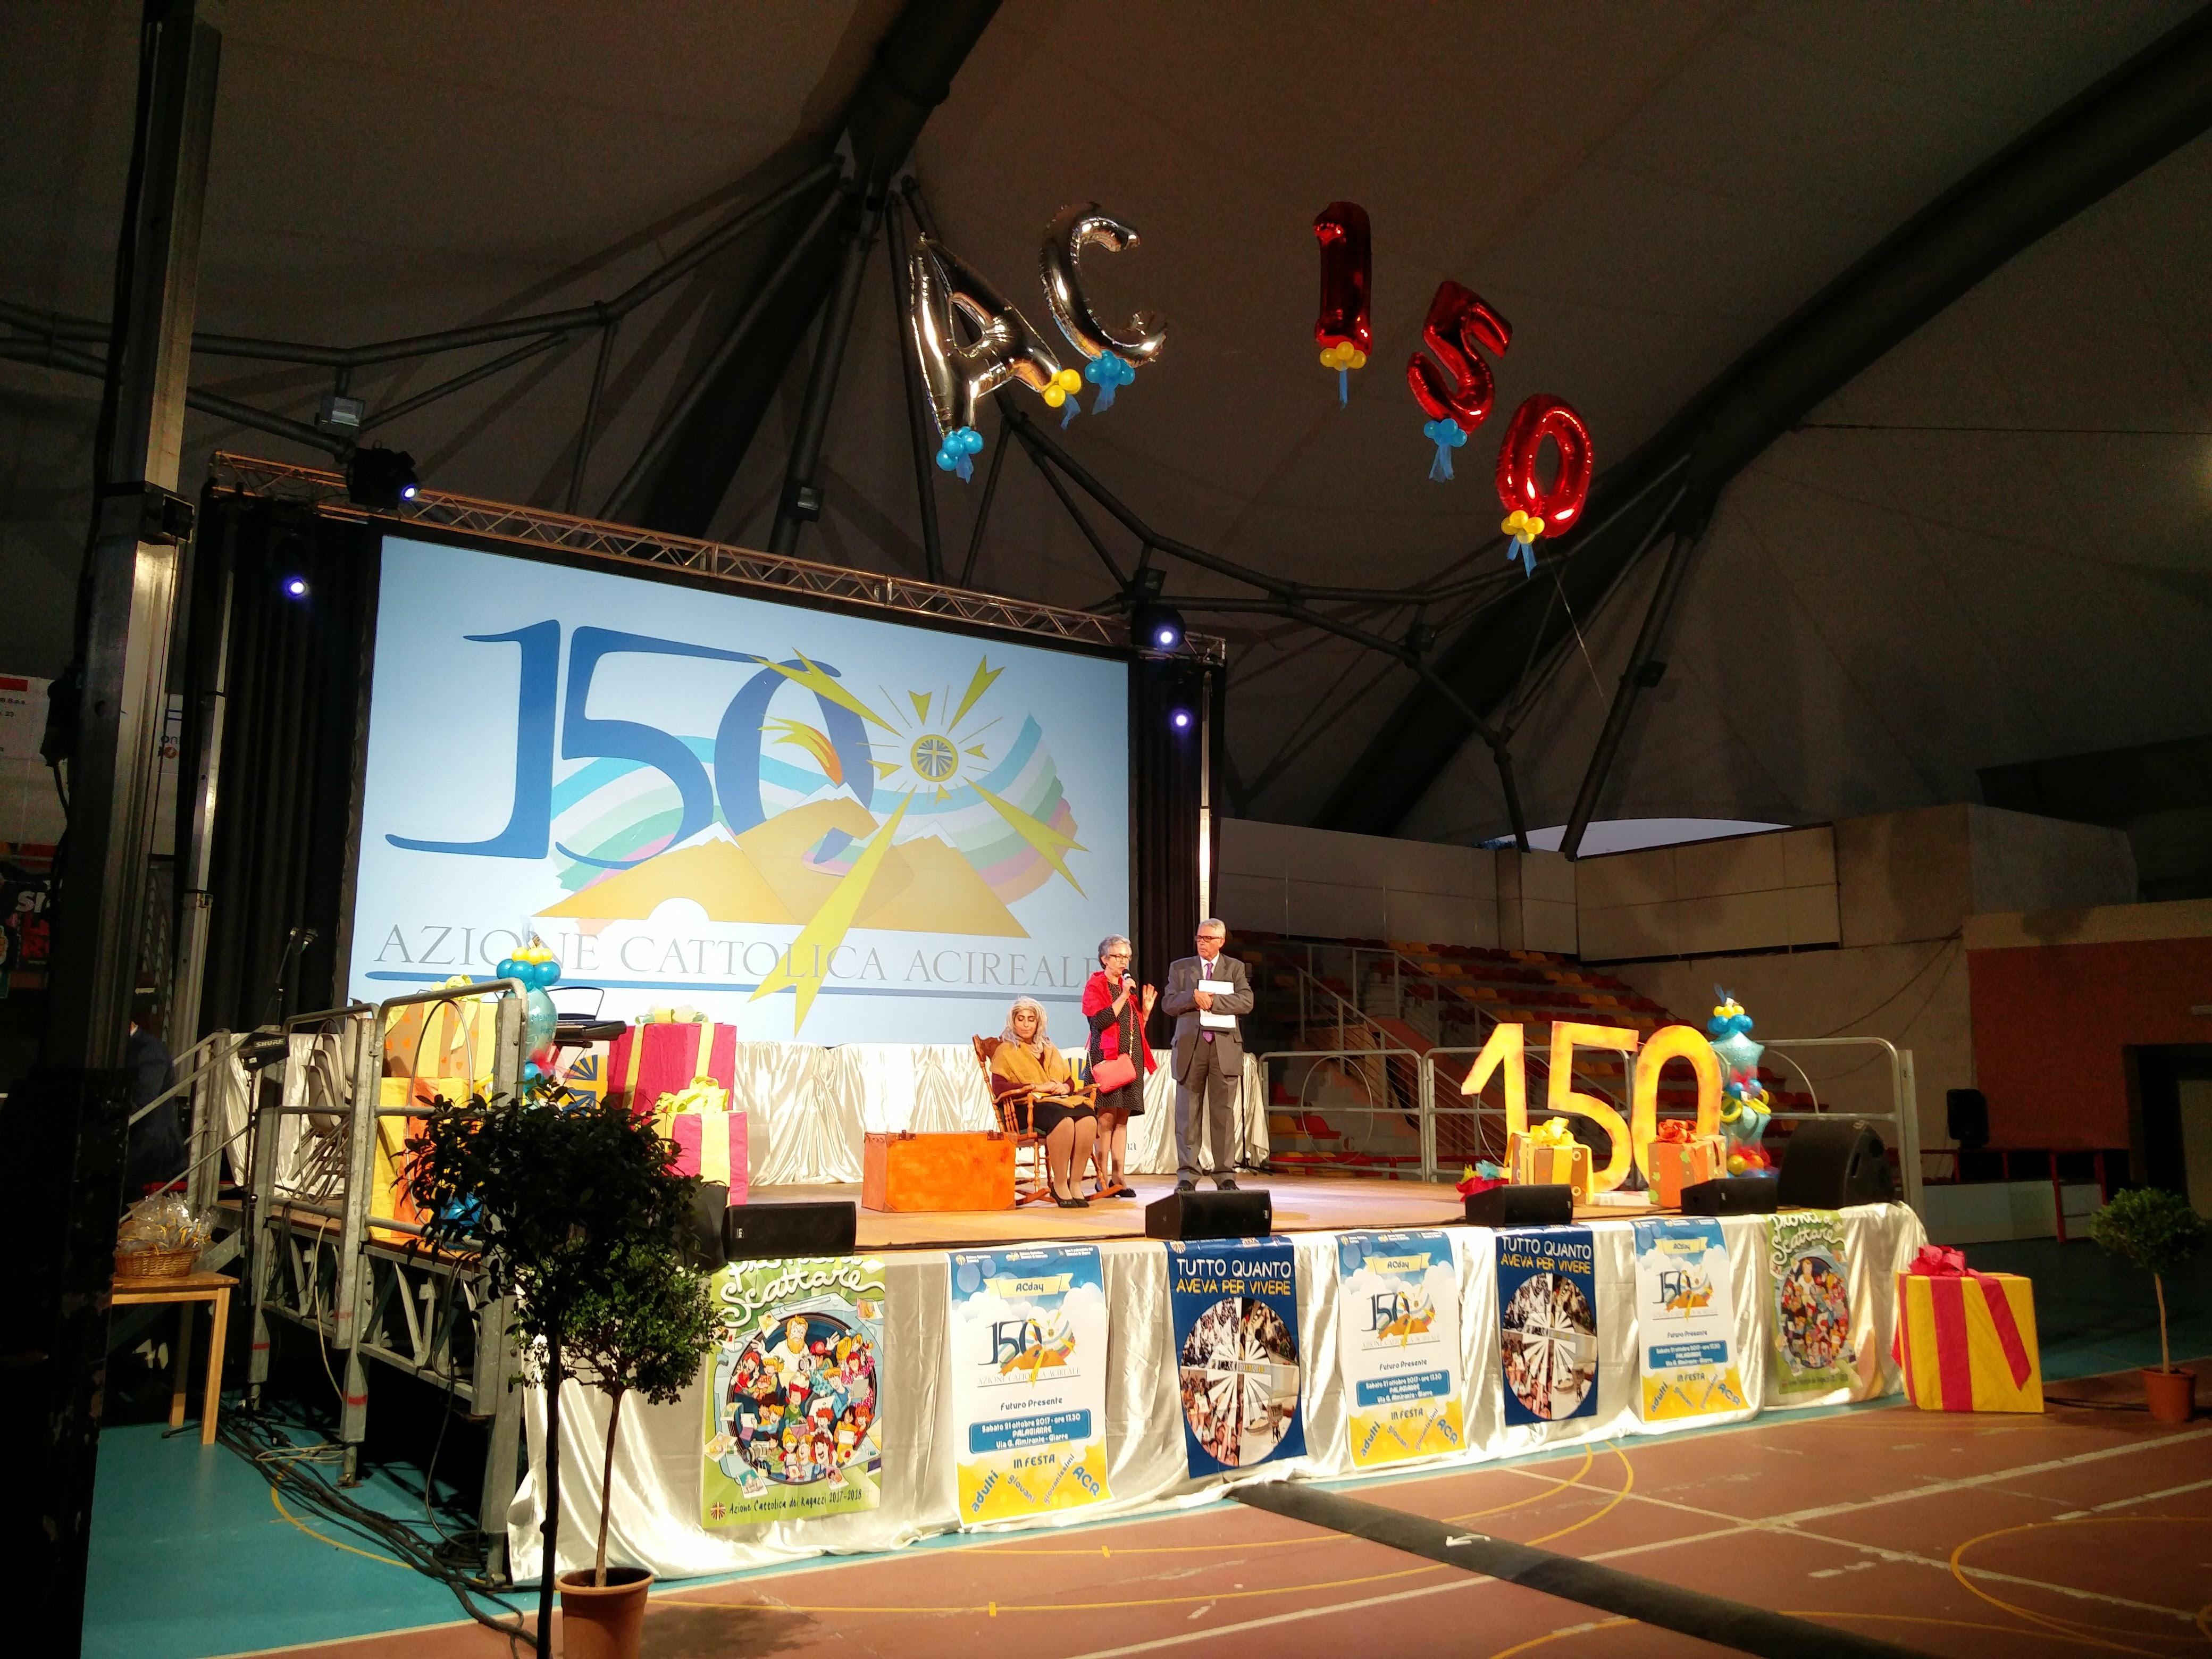 """La festa di Giarre per i 150 anni dell'Azione cattolica, una """"vecchietta"""" che fa tendere verso l'alto"""